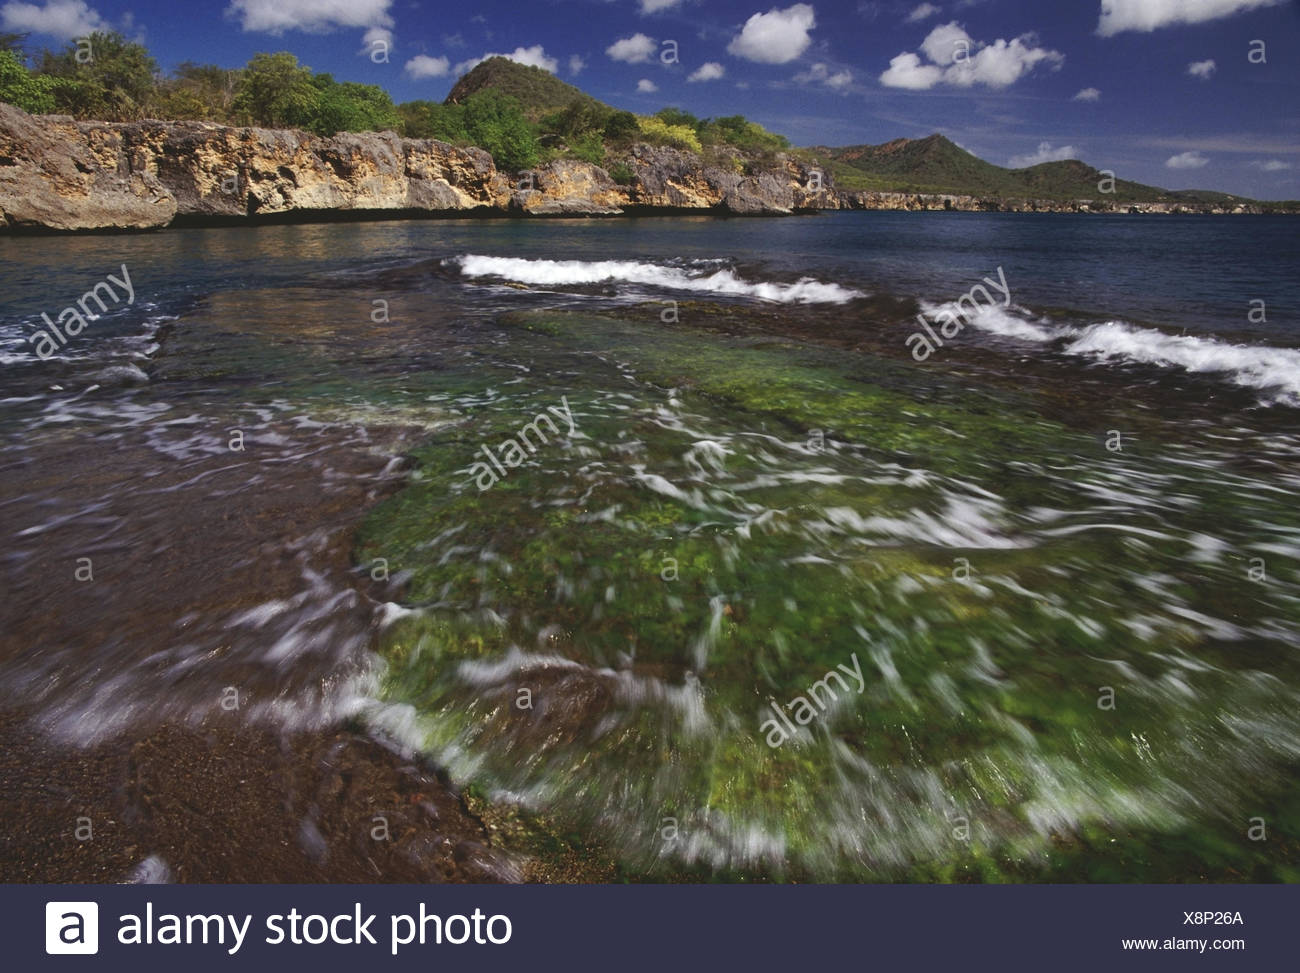 The Caribbean, beach, bile coast, bay, Curacao, - Stock Image